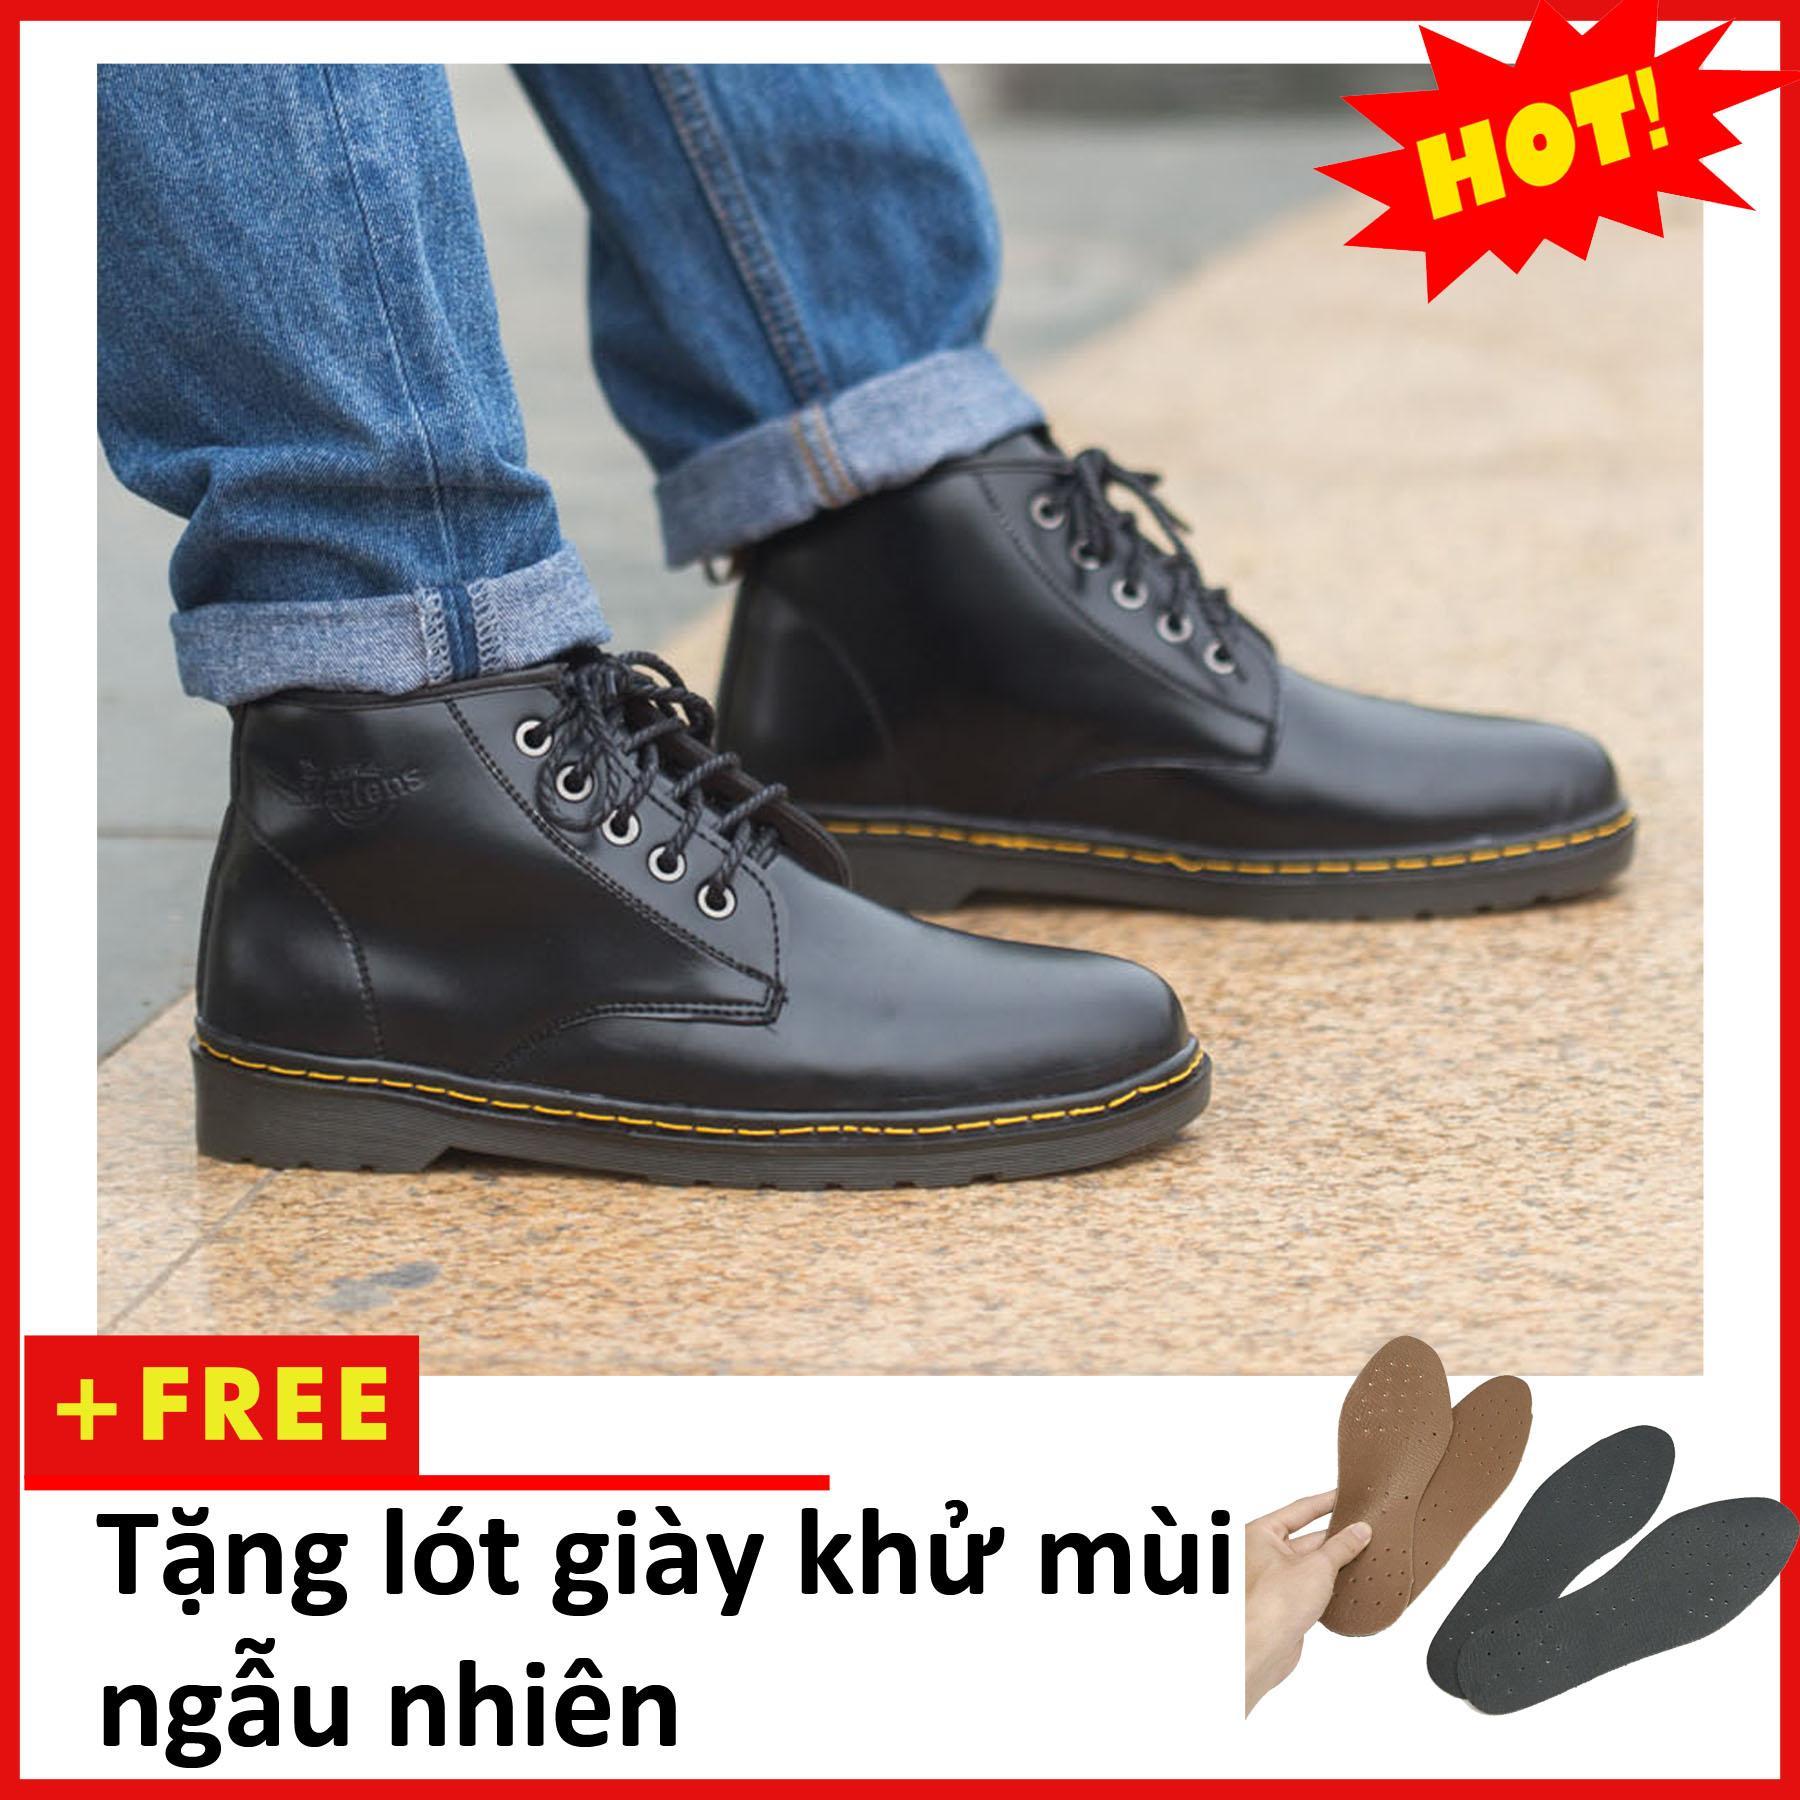 Giày Dr Nam Cổ Lửng Đế Khâu Da Trơn Đen - Giày Bốt Cao Cổ Nam - Giày Đốc Nam Da Đẹp - M354+L-DEN